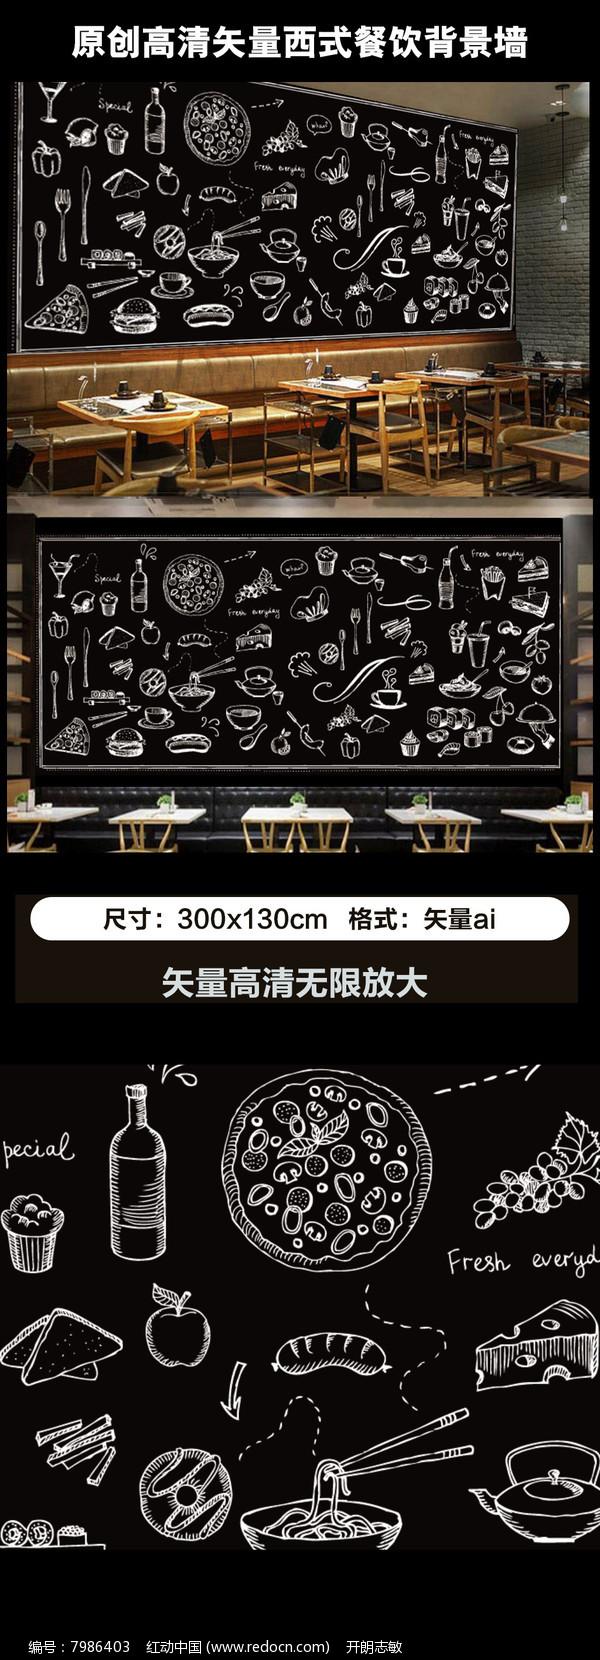 黑板手绘美食图片咖啡店美食墙背景纪录片长春欧美图片